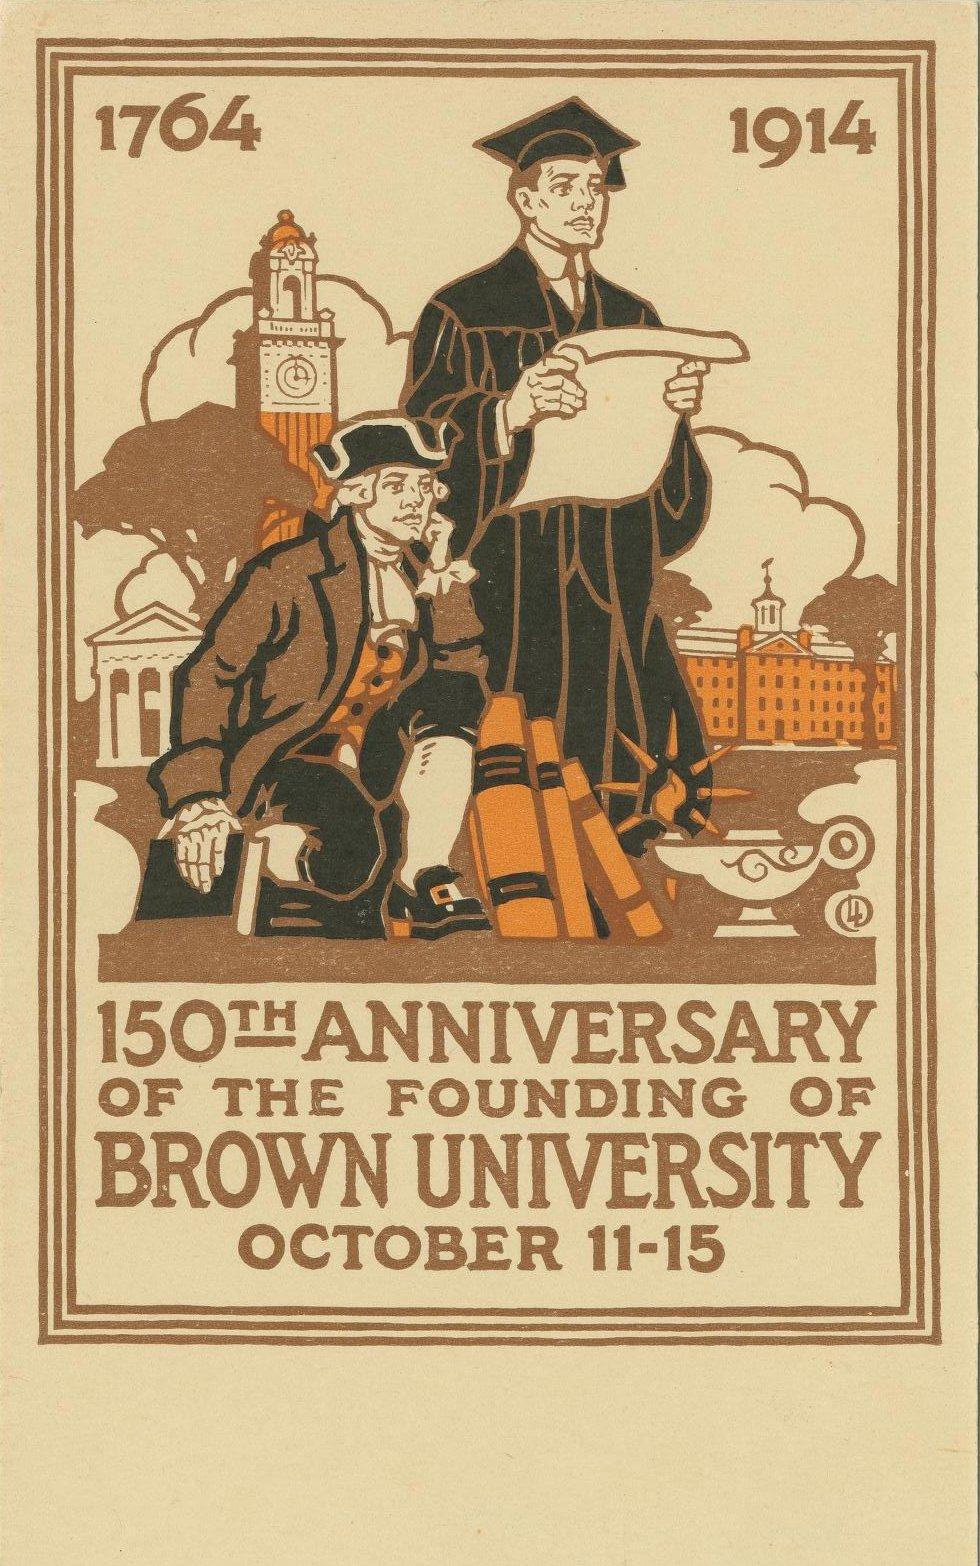 http://upload.wikimedia.org/wikipedia/en/5/58/BrownUniversity-Poster1914.jpg